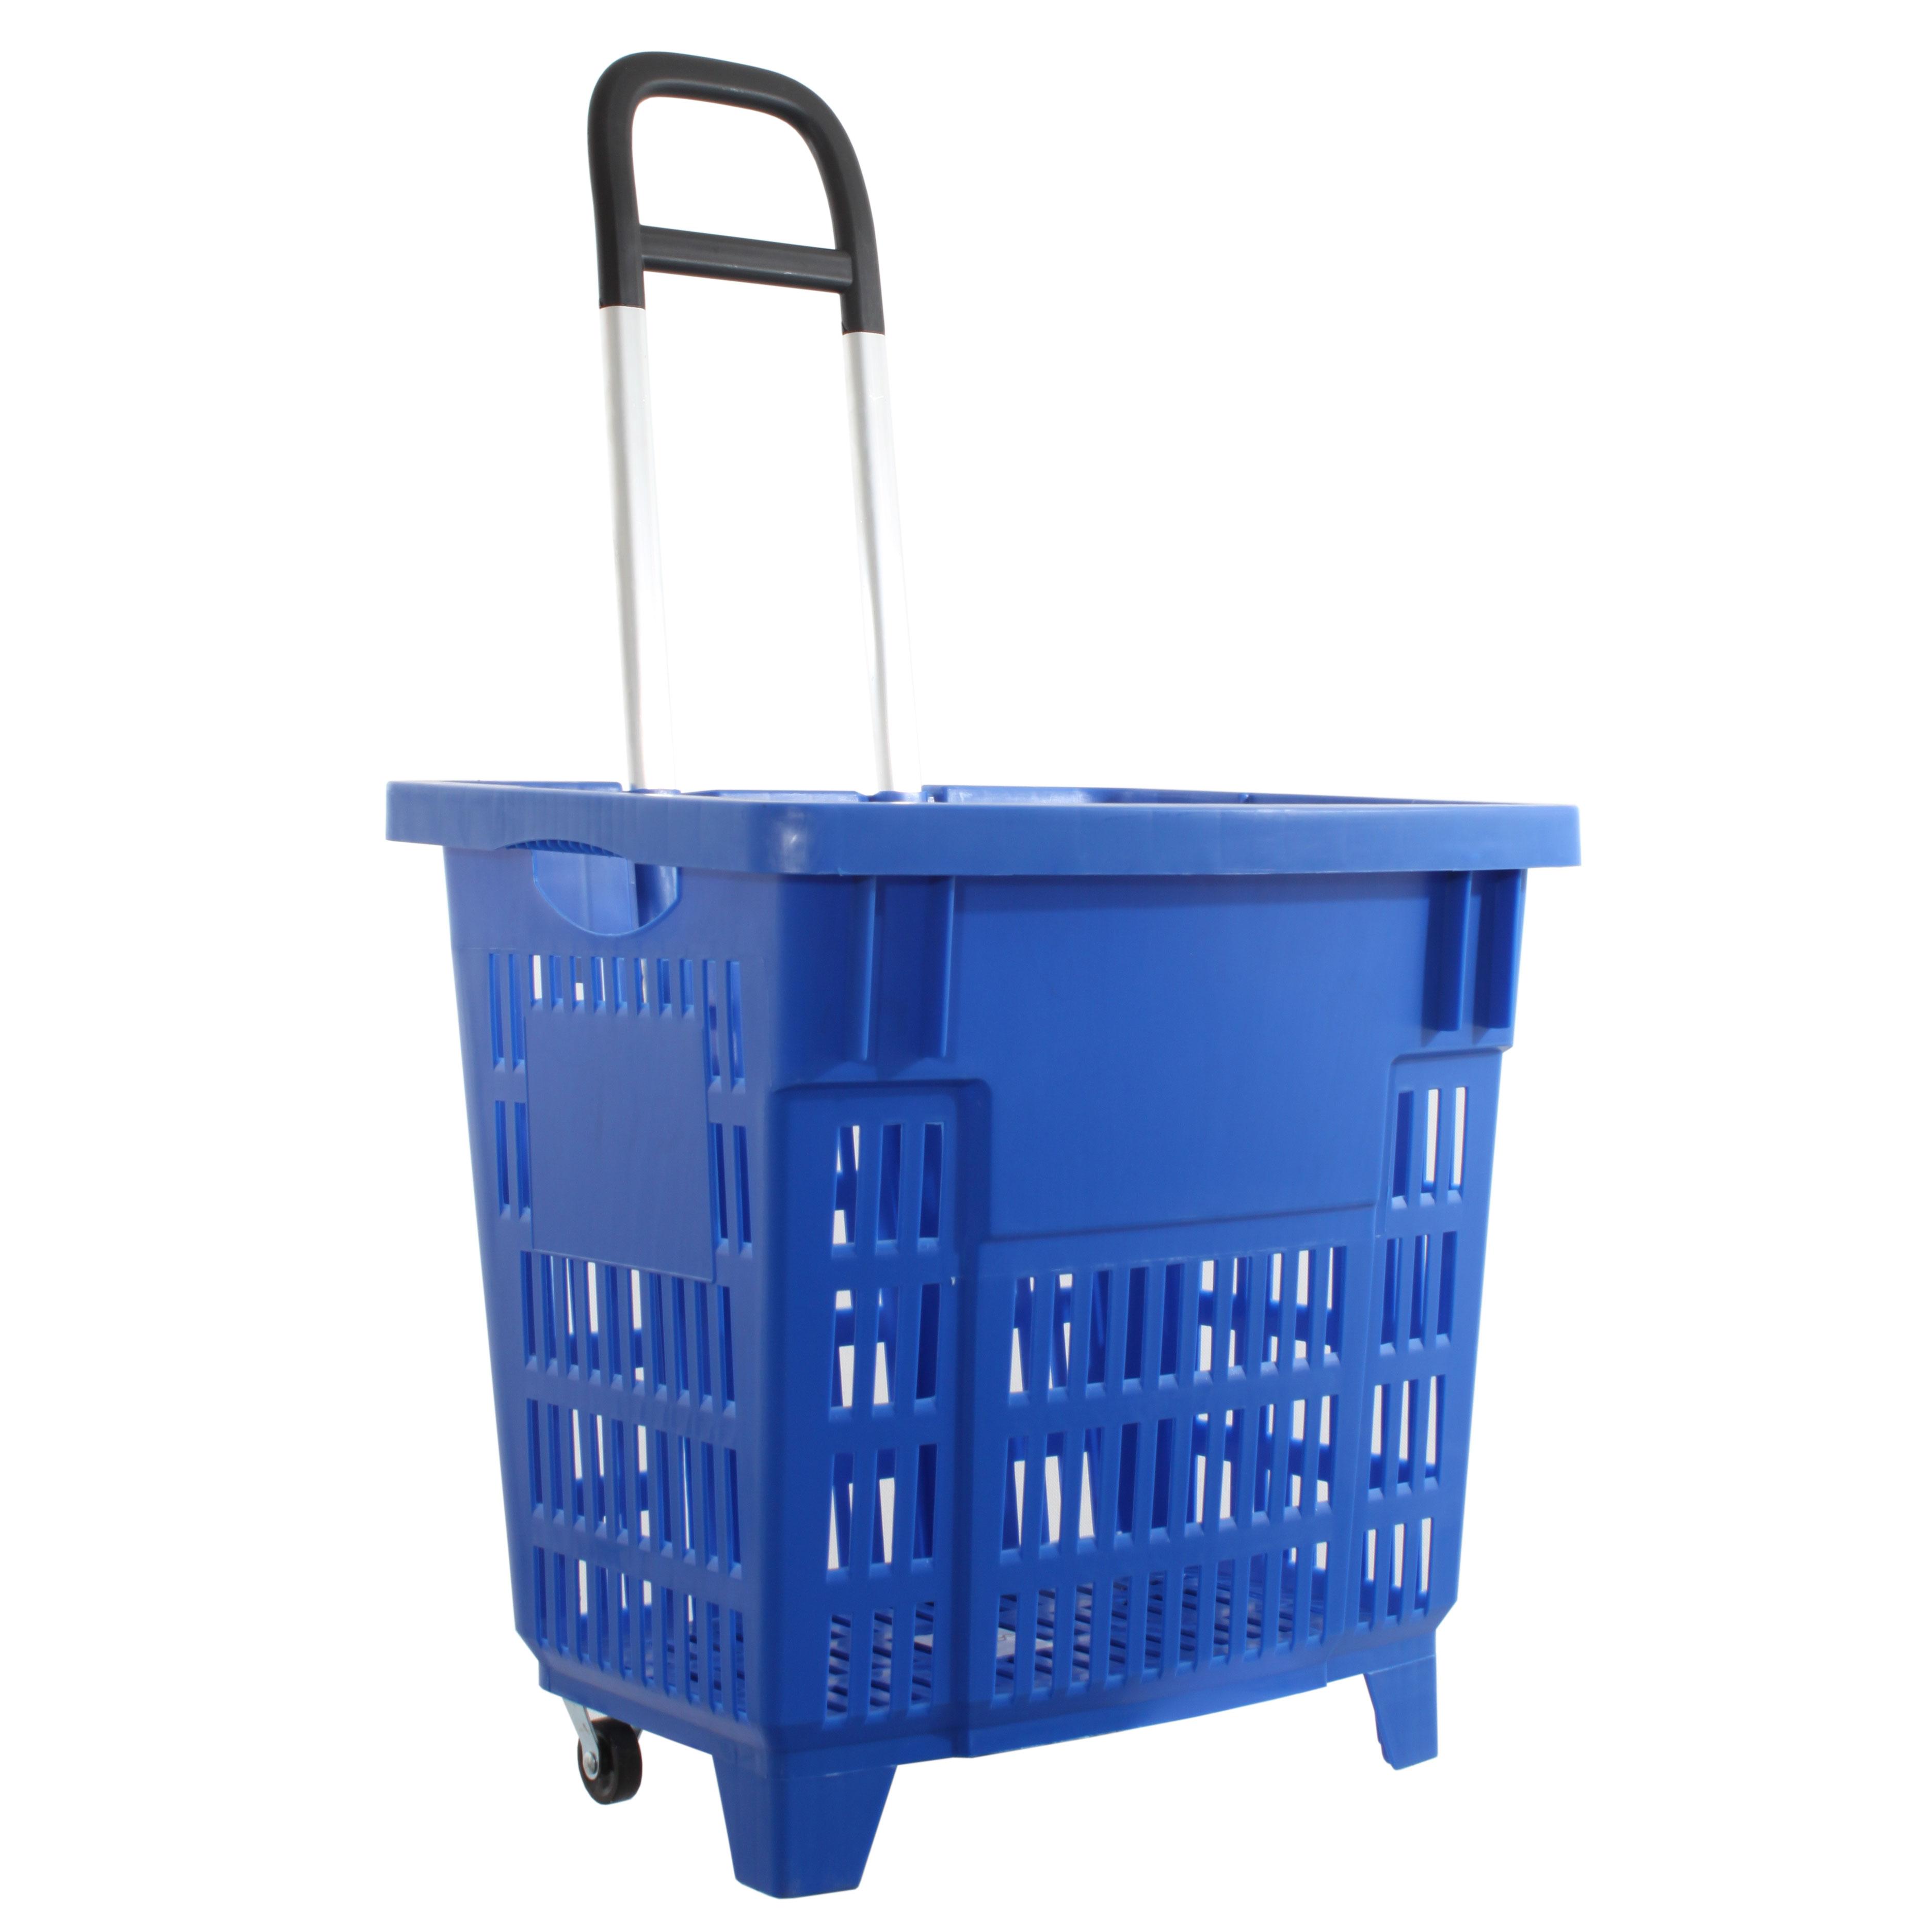 einkaufstrolley einkaufskorb m rollen 55l blau 200 003 55. Black Bedroom Furniture Sets. Home Design Ideas